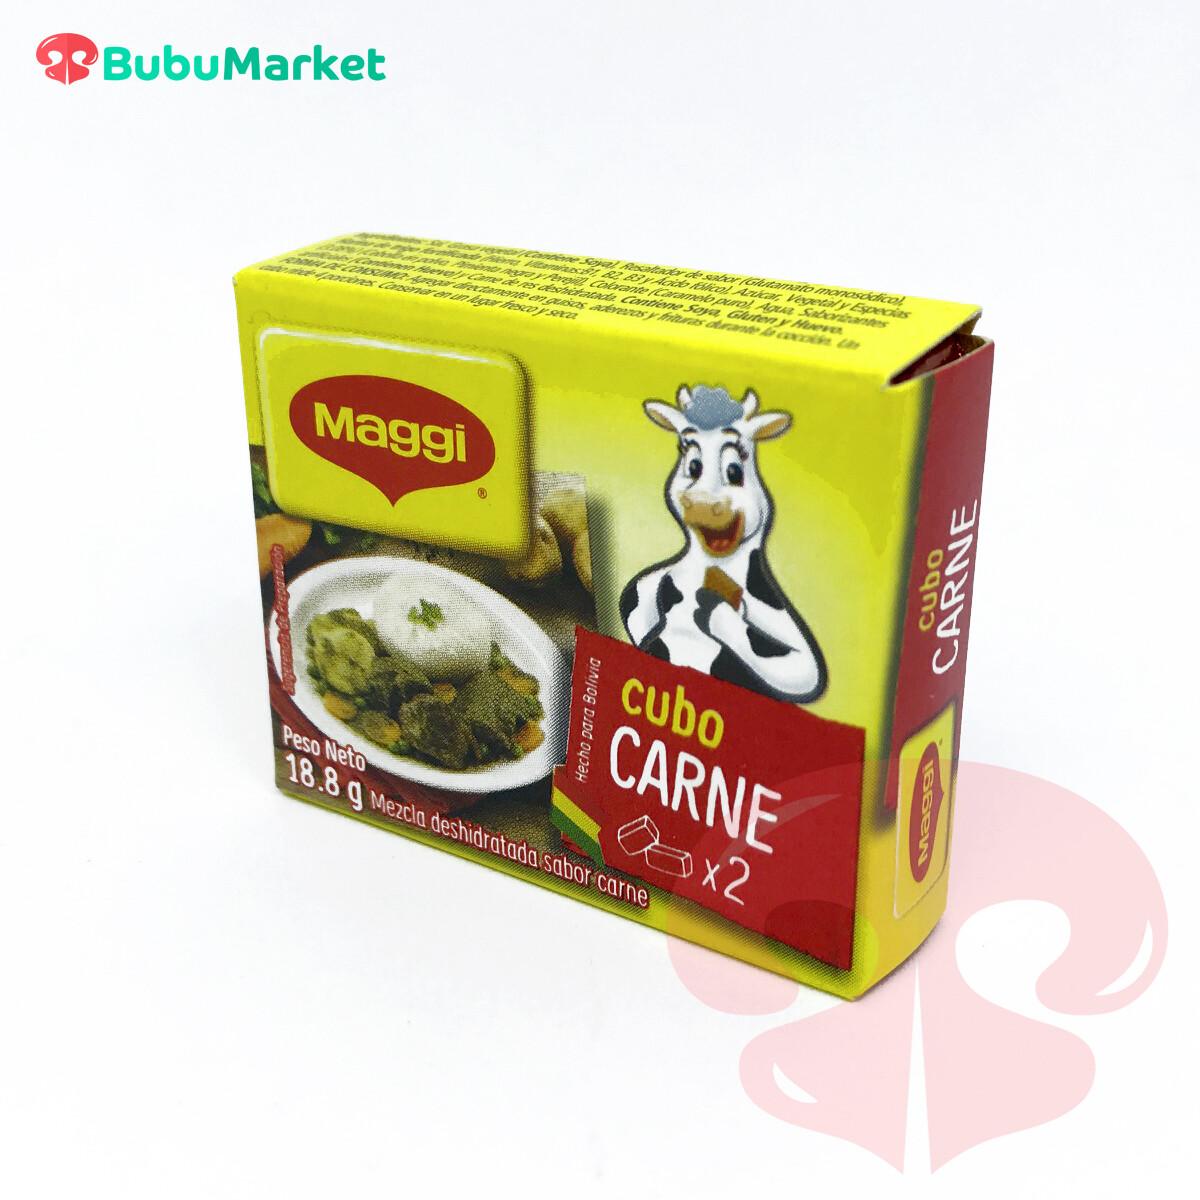 CUBITO MAGGI DE CARNE 18,8 GR.